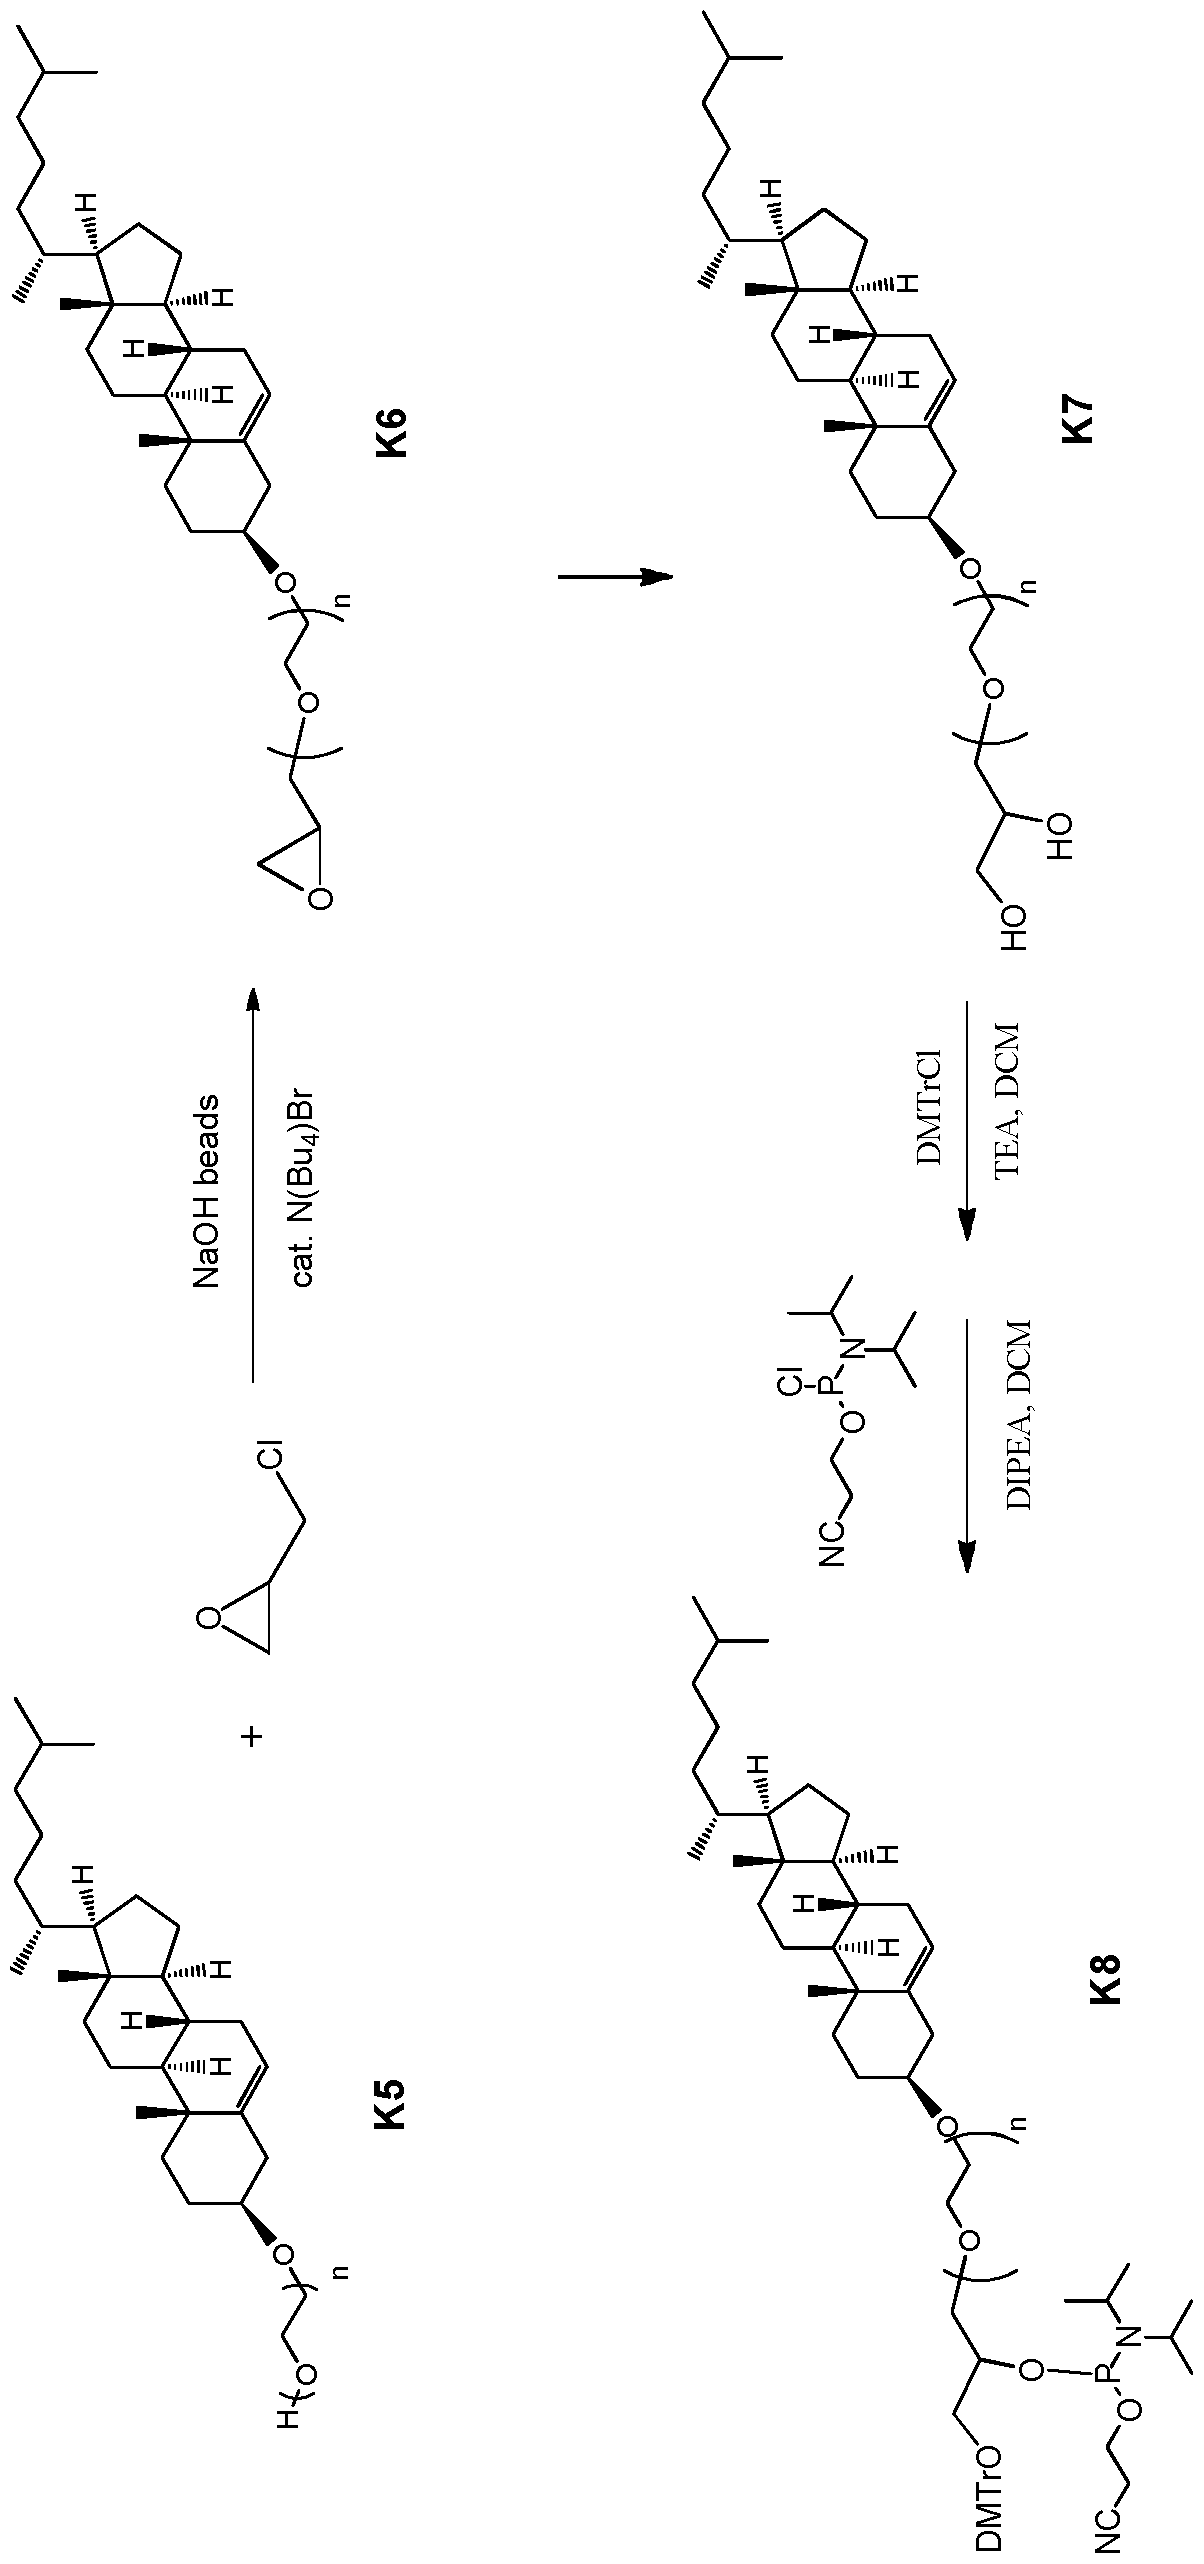 Figure imgf000256_0001